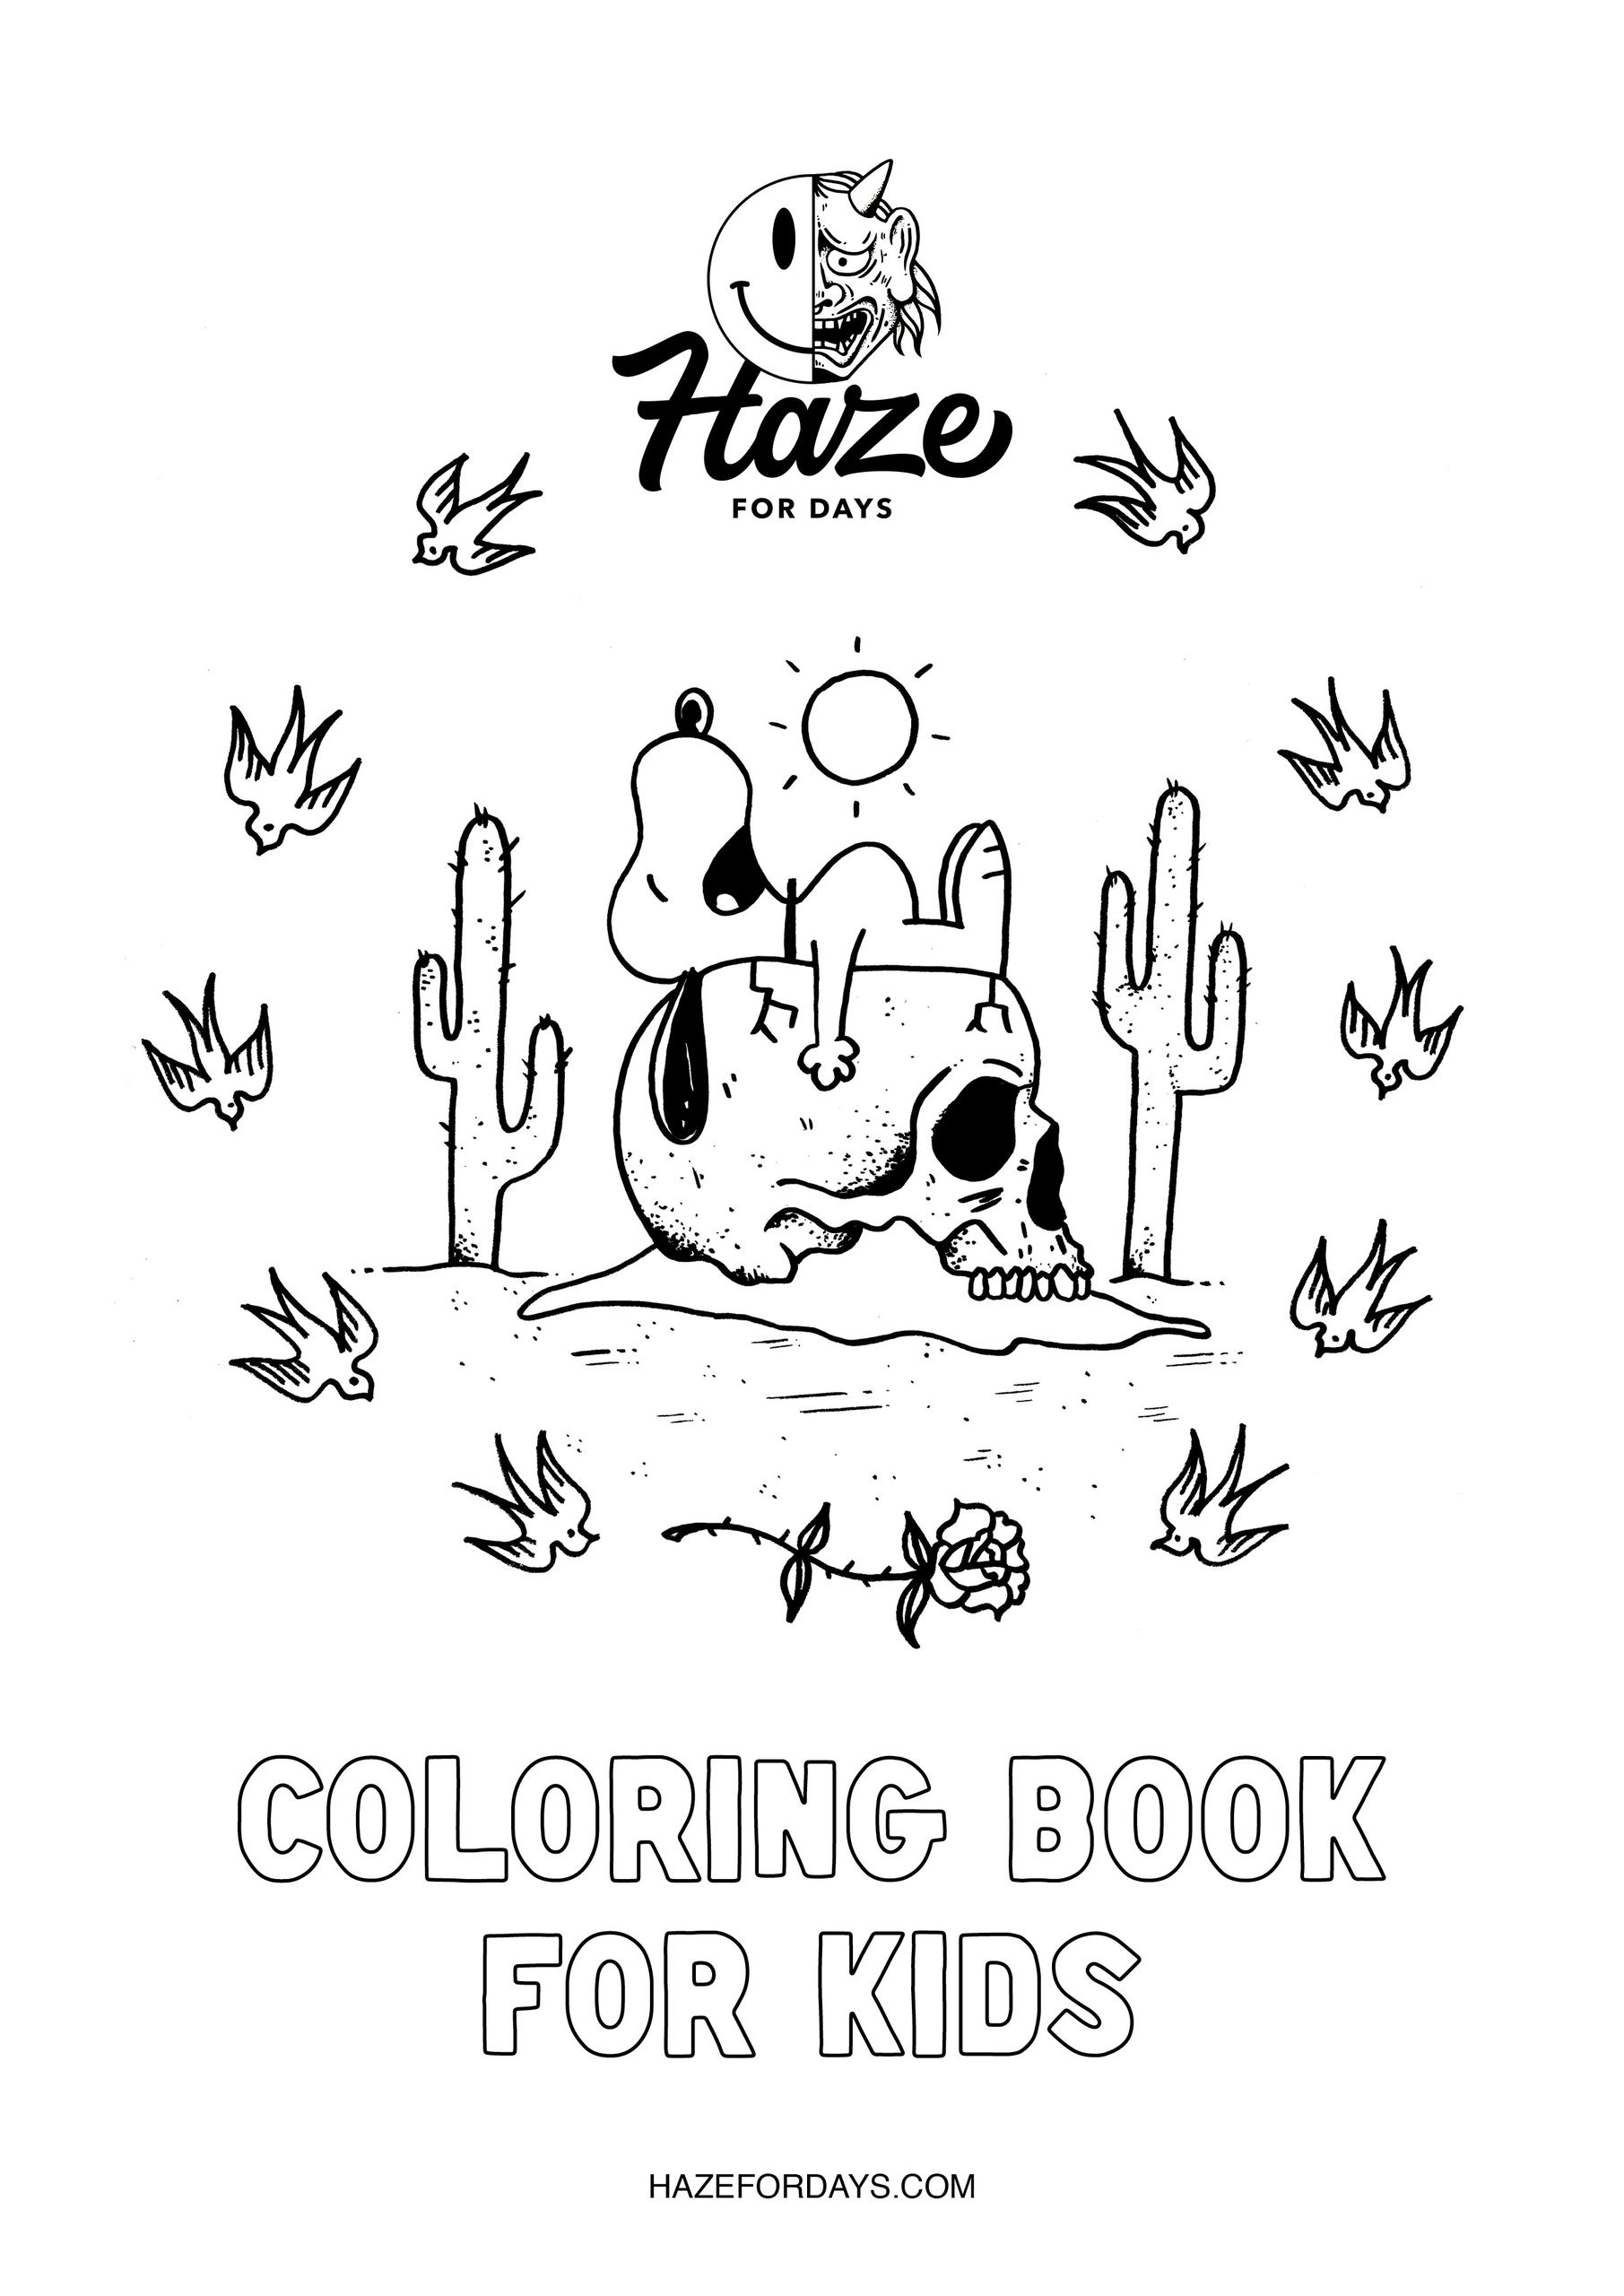 coloring book kids busy lockdow - roccomalatesta | ello